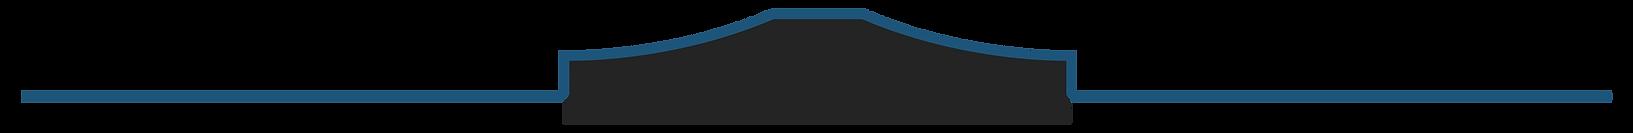 Frame_top_blue_black fill.png